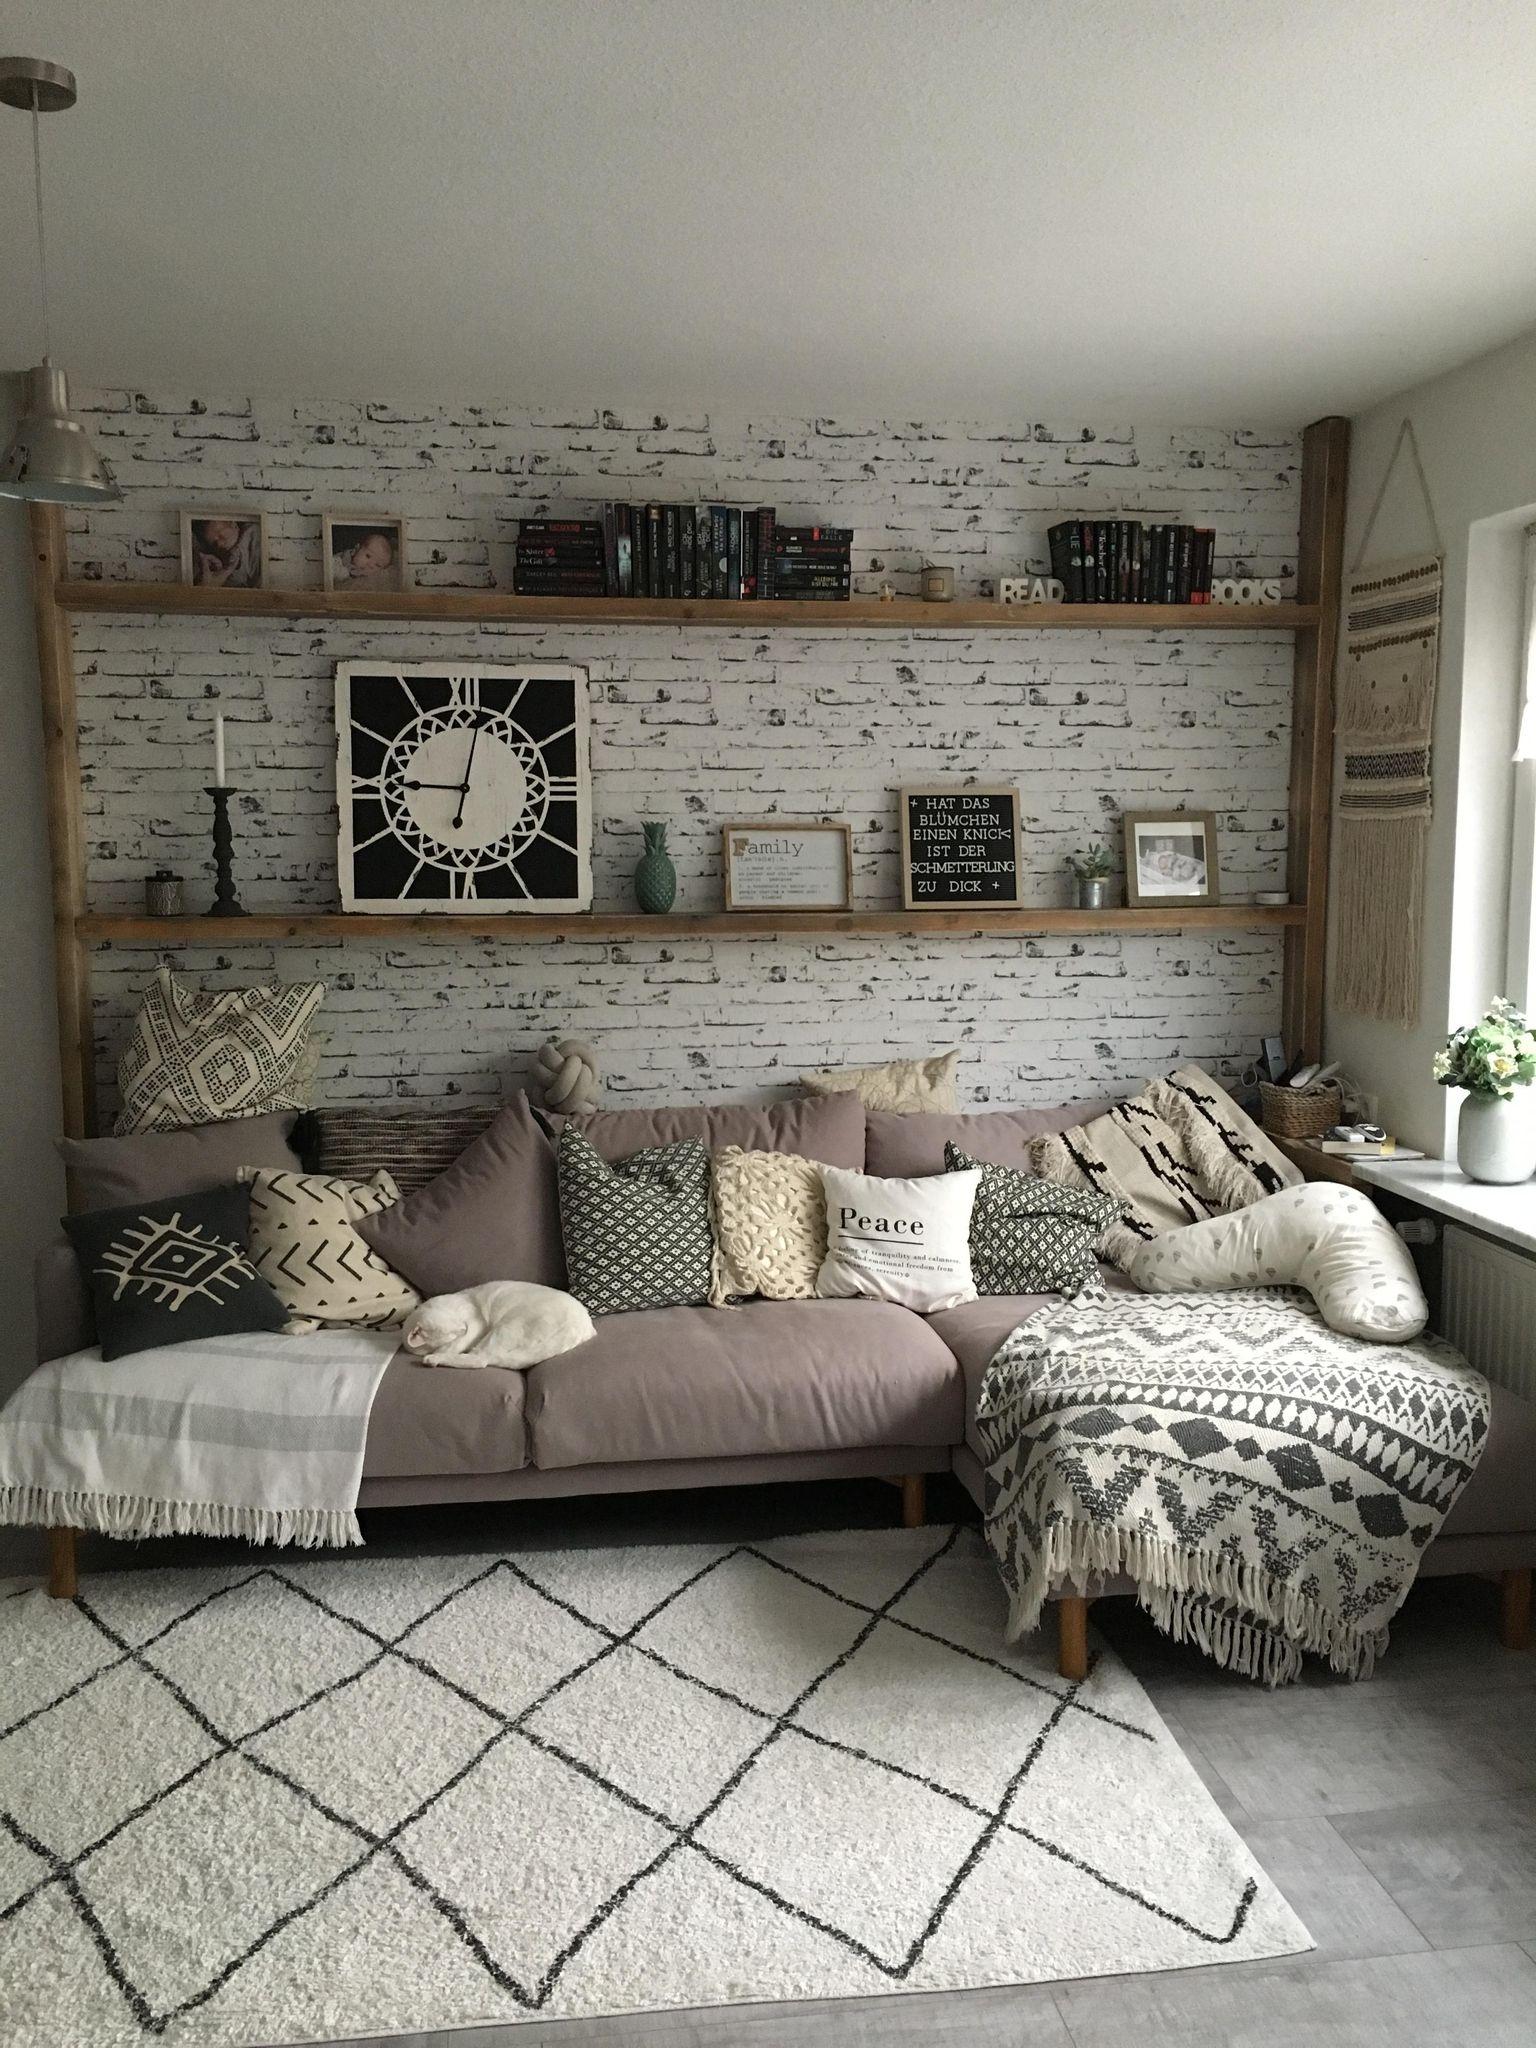 wohnzimmer hygge wandgestaltung design wohnzimmerwand wohnung wanddekoration schwarz metall qvc